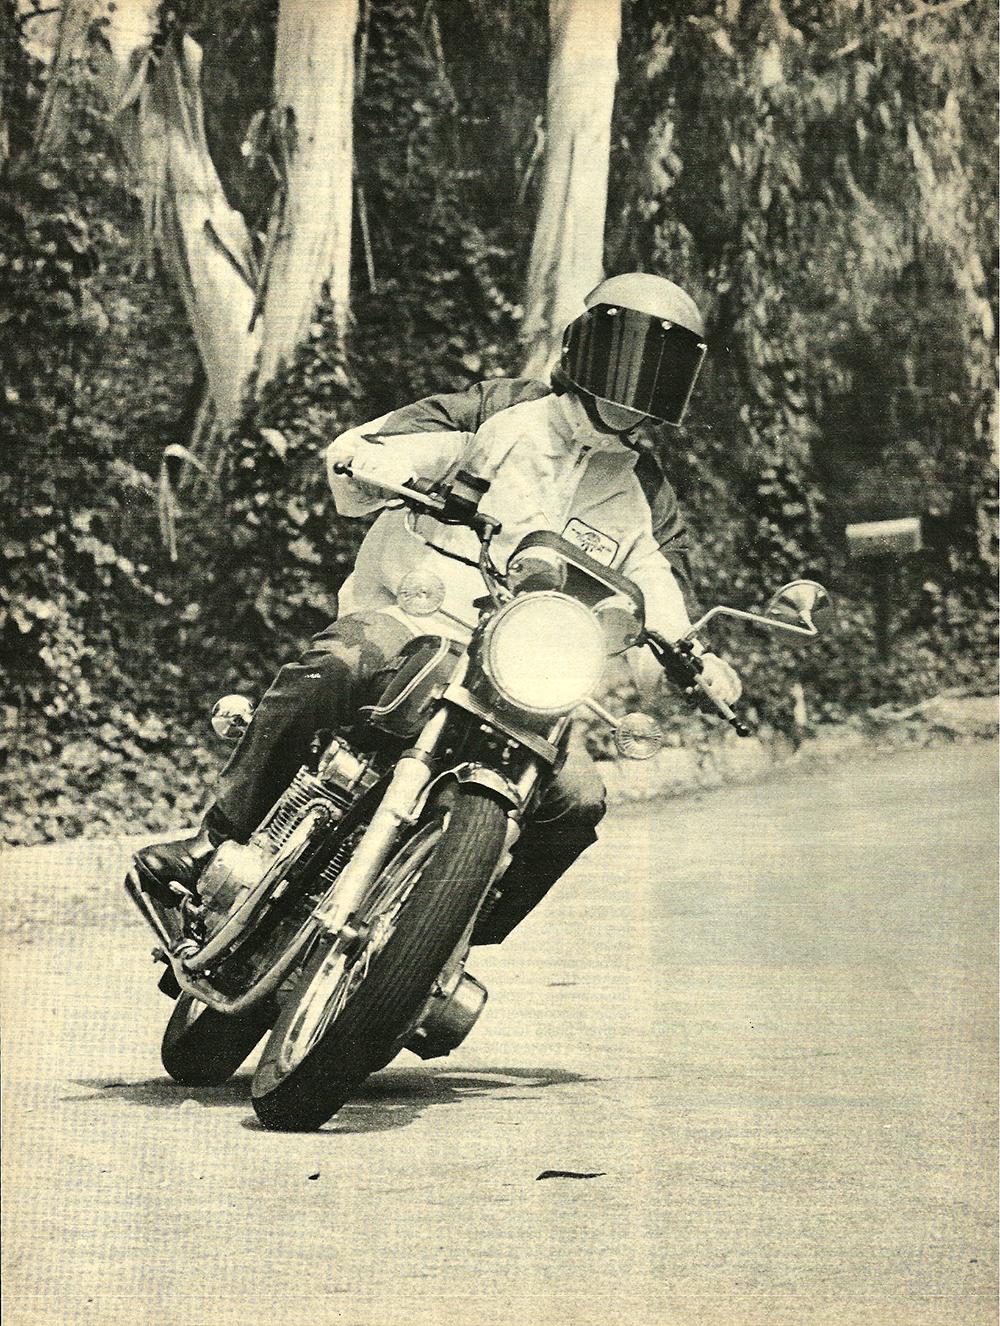 1977 Suzuki GS550 road test 01.jpg